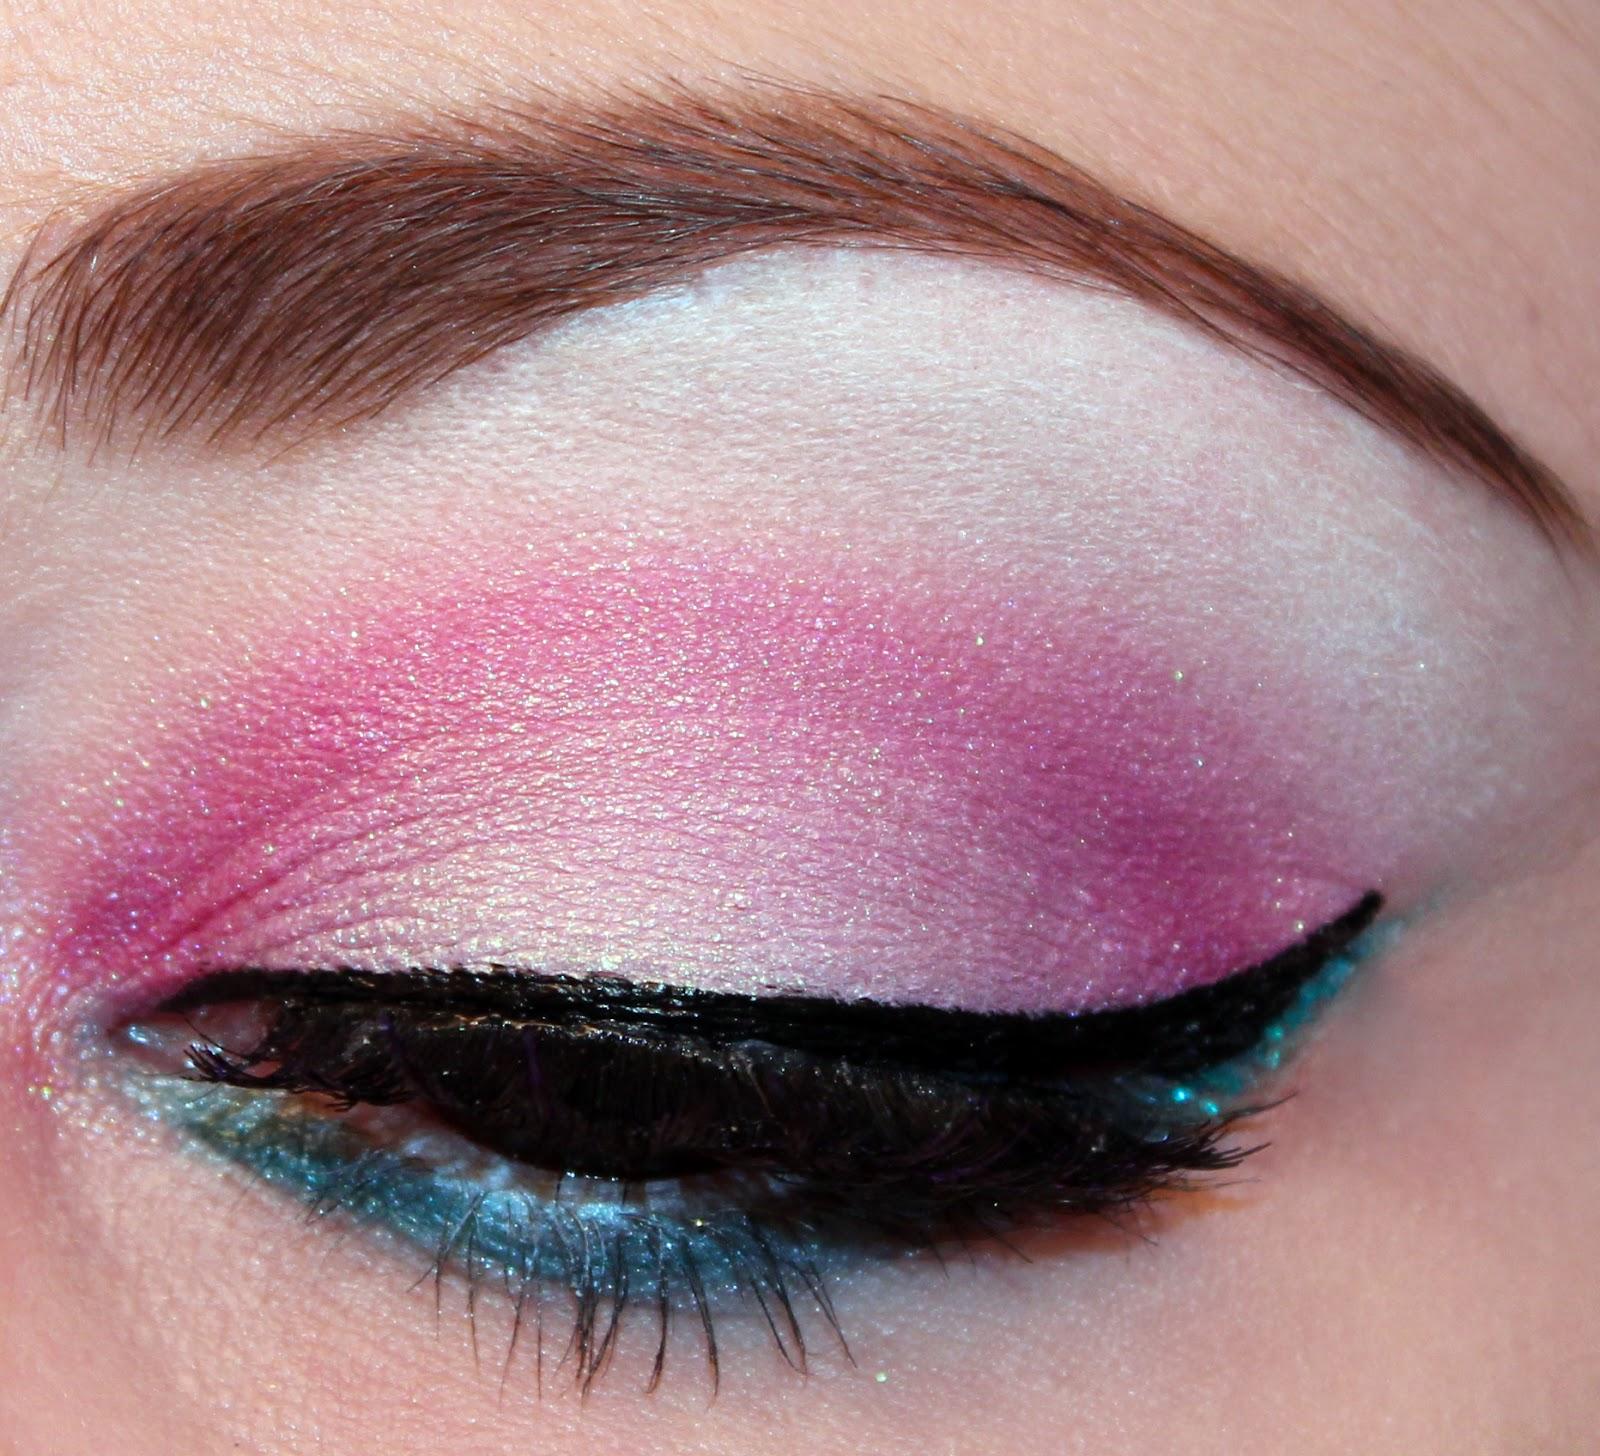 Pokemon Eye Makeup   Hot Girl HD Wallpaper